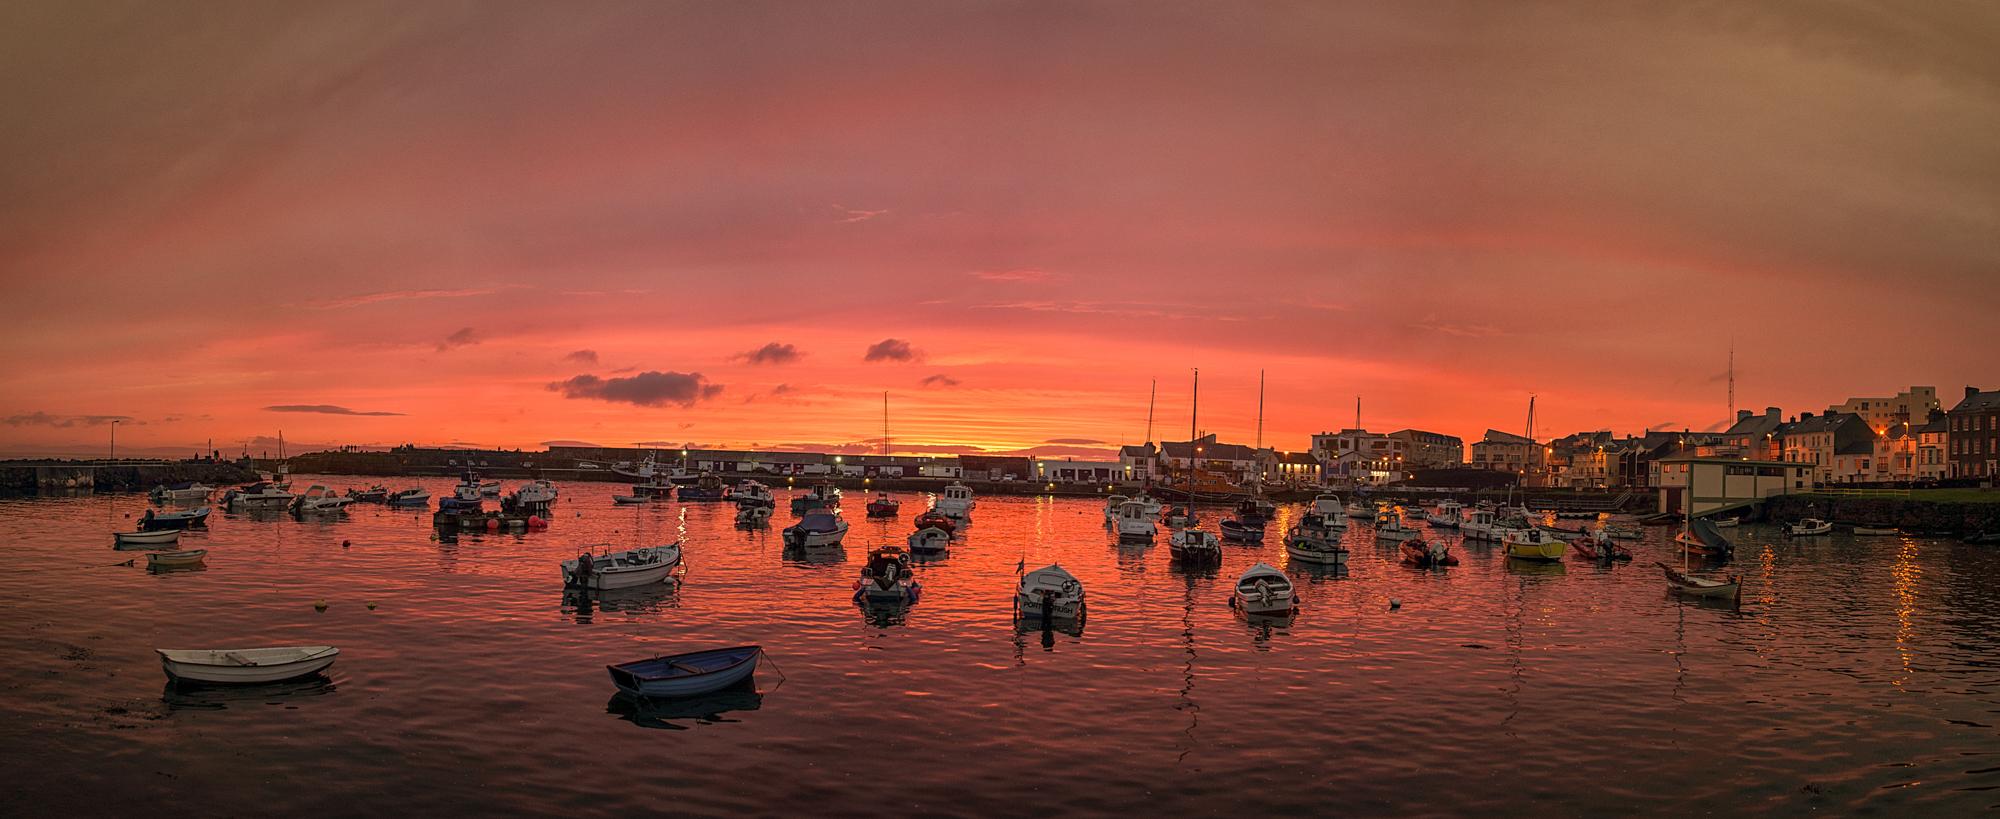 20120723-Portrush harbour-sunset.jpg